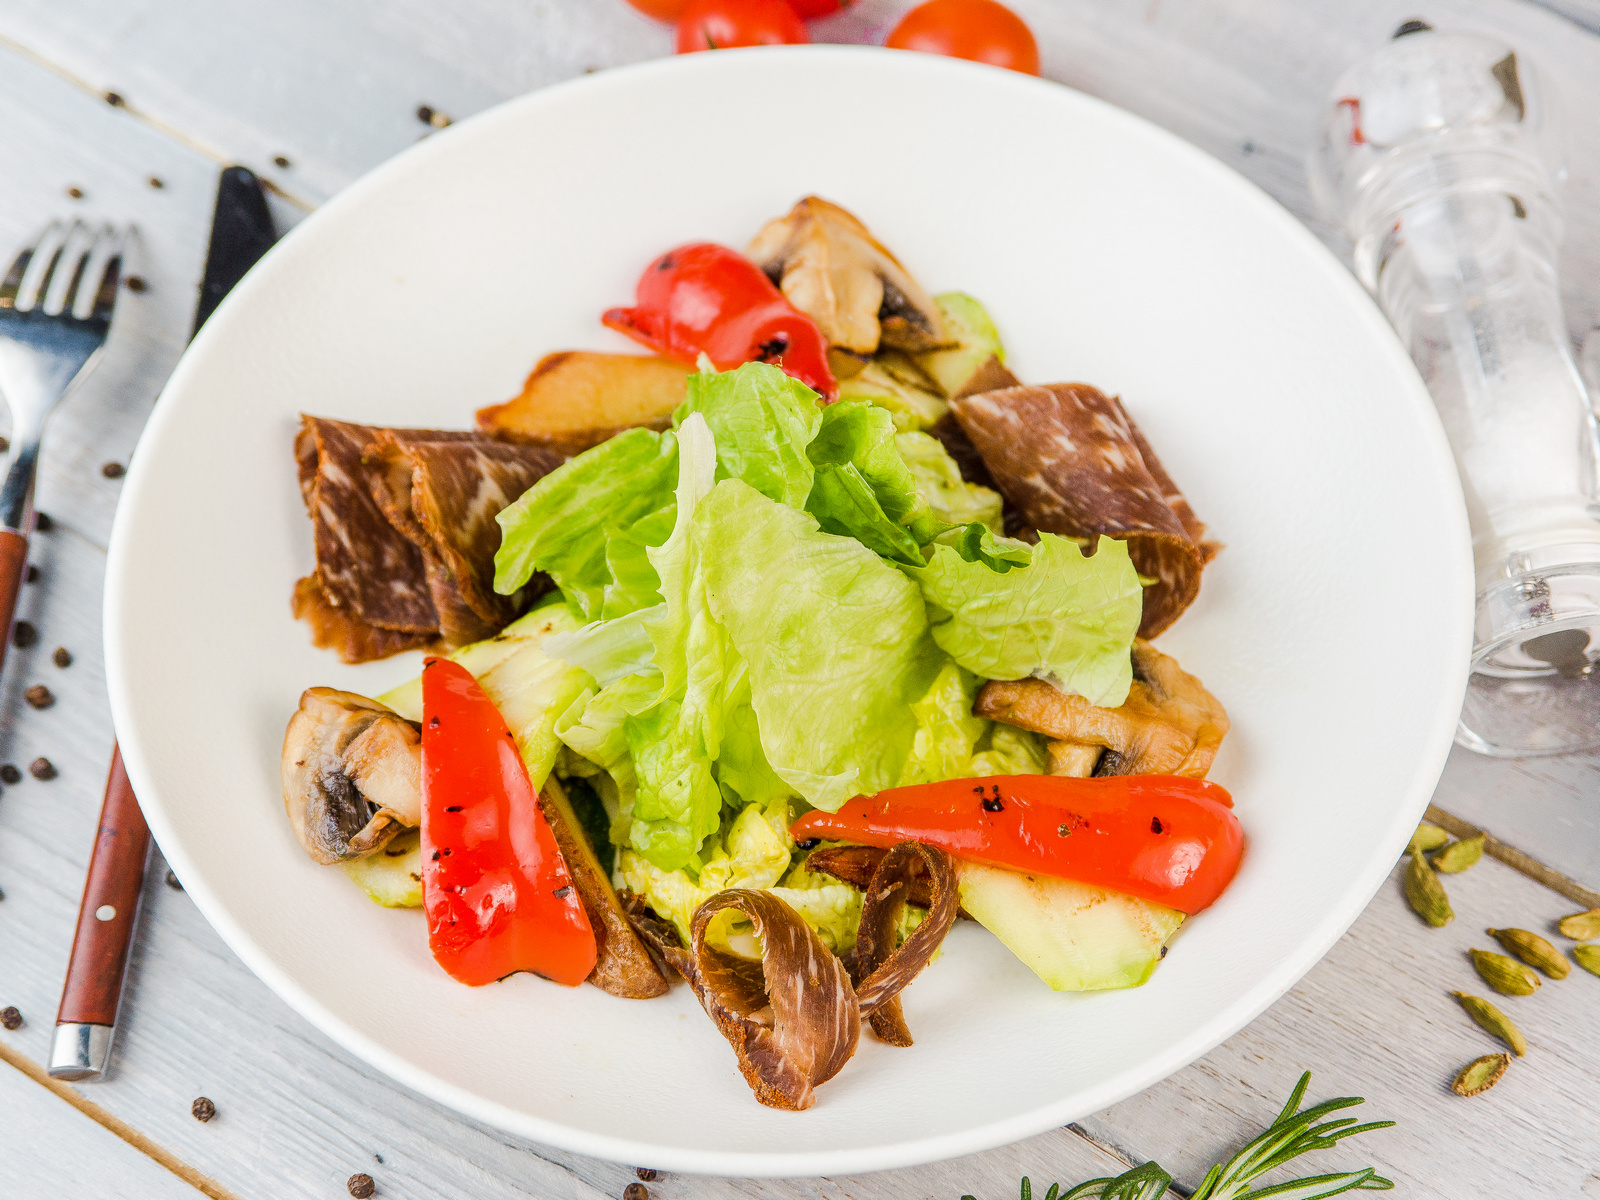 Микс салата с вяленым мясом говядины